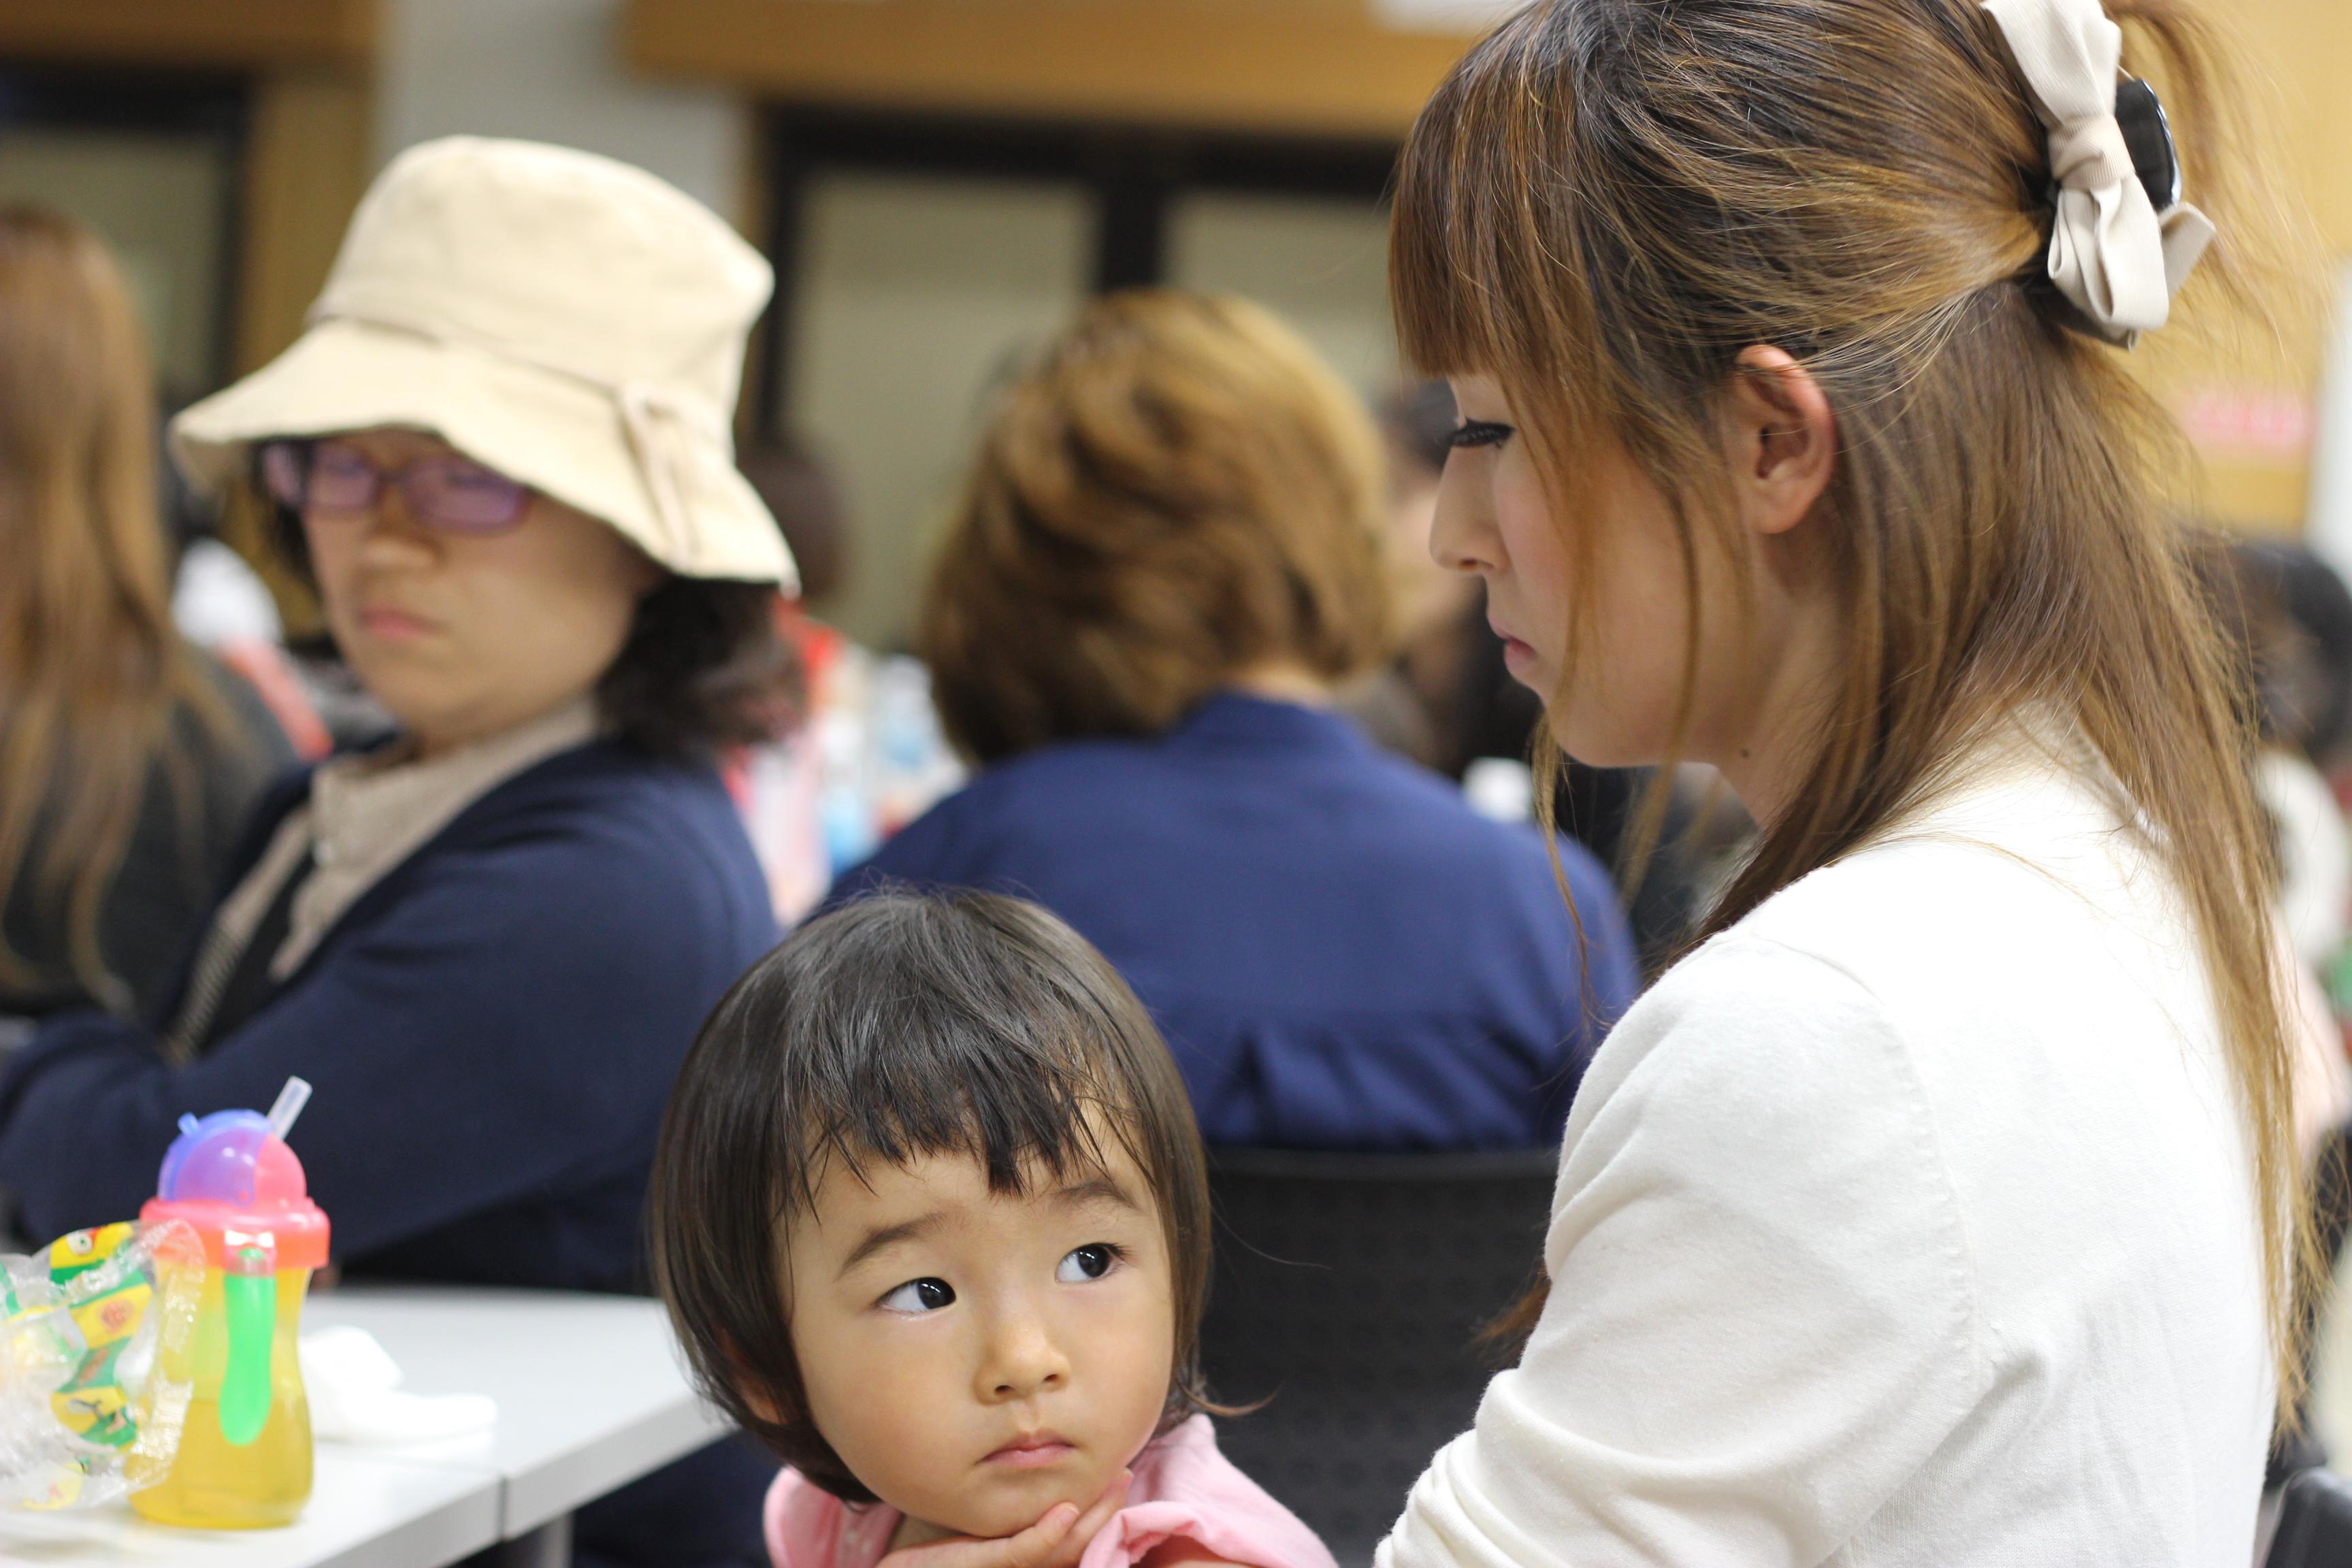 【防災ママカフェ】子どもの命を守るママになる!防災ママセミナー|@防災ママかきつばた